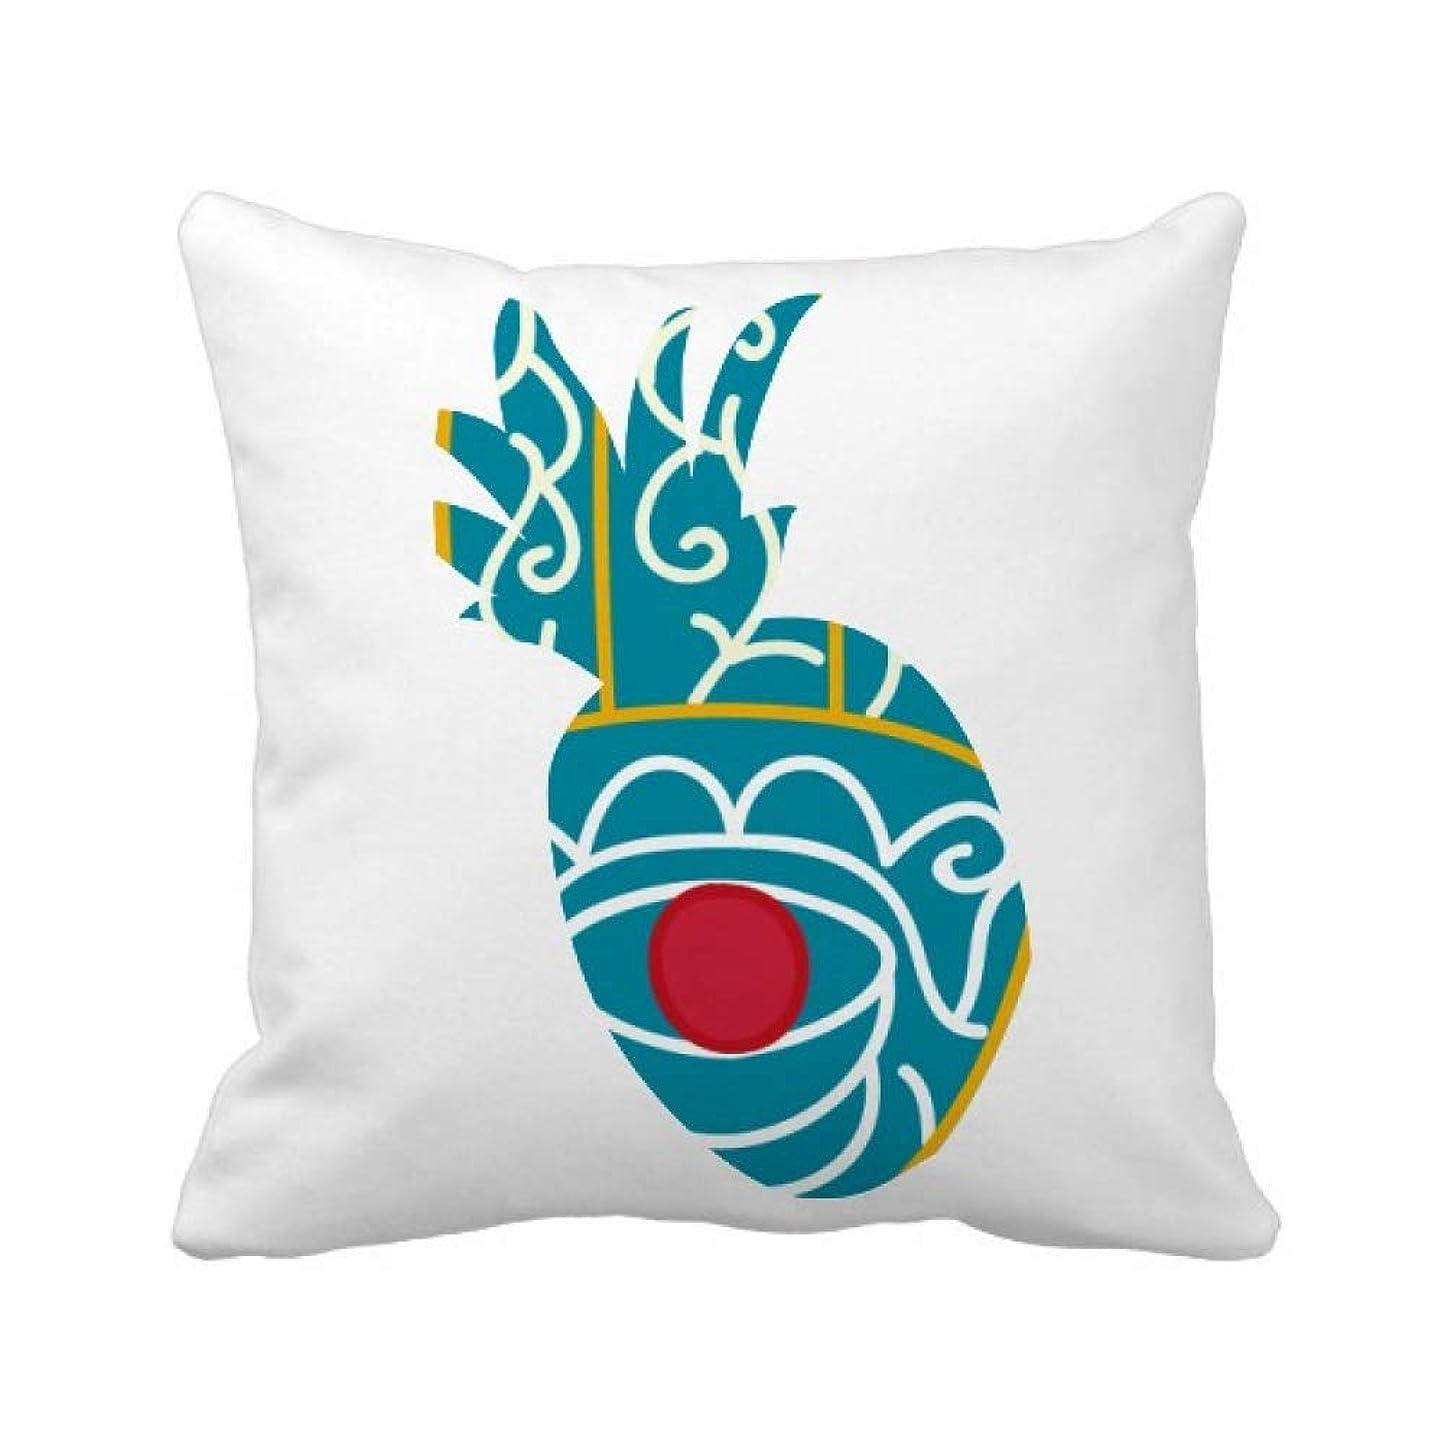 接地日記おしゃれじゃないエジプトのパターンの手に赤い目の芸術のパターン パイナップル枕カバー正方形を投げる 50cm x 50cm